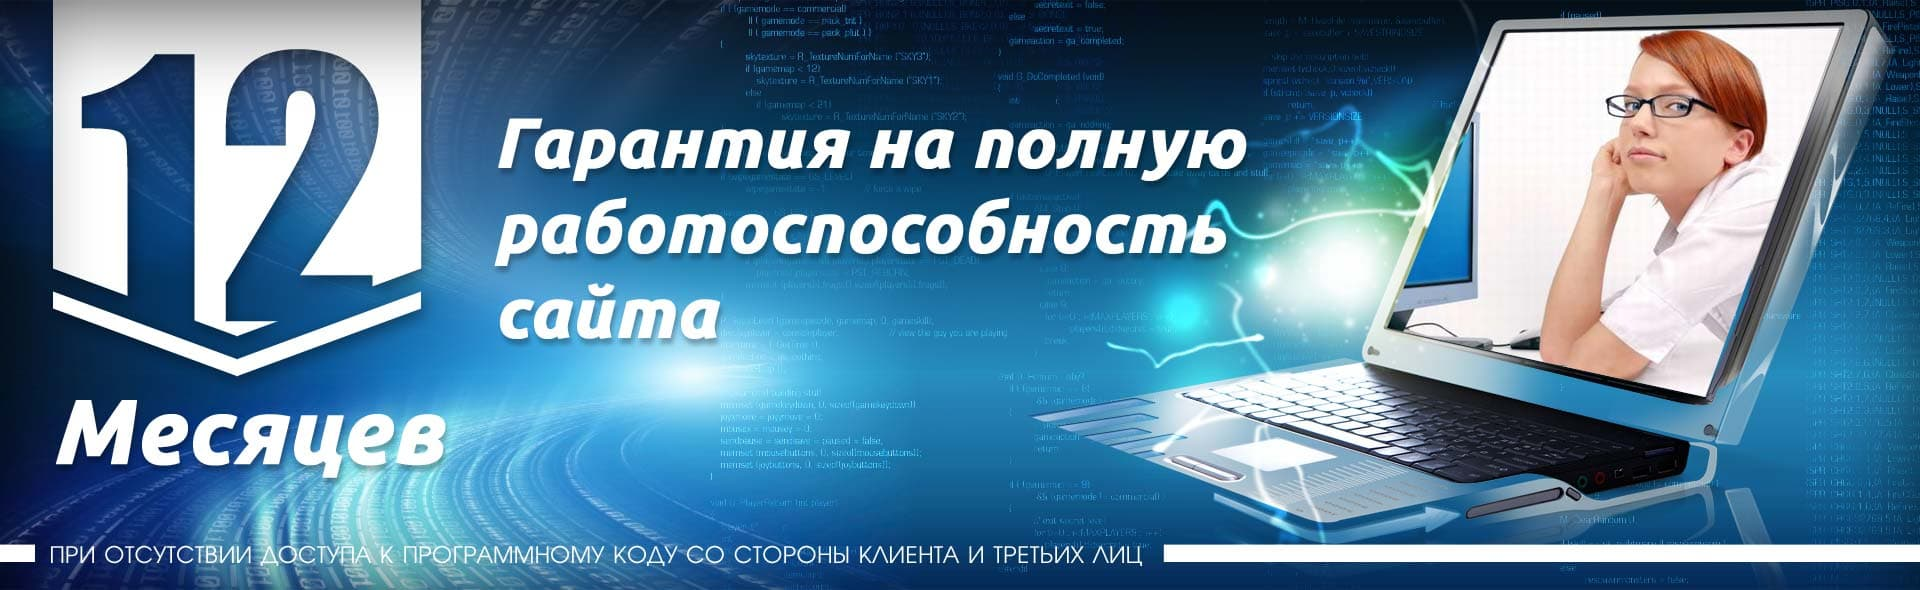 Изготовление и раскрутка сайтов симферополь скачать готовый сервер для css версия 34